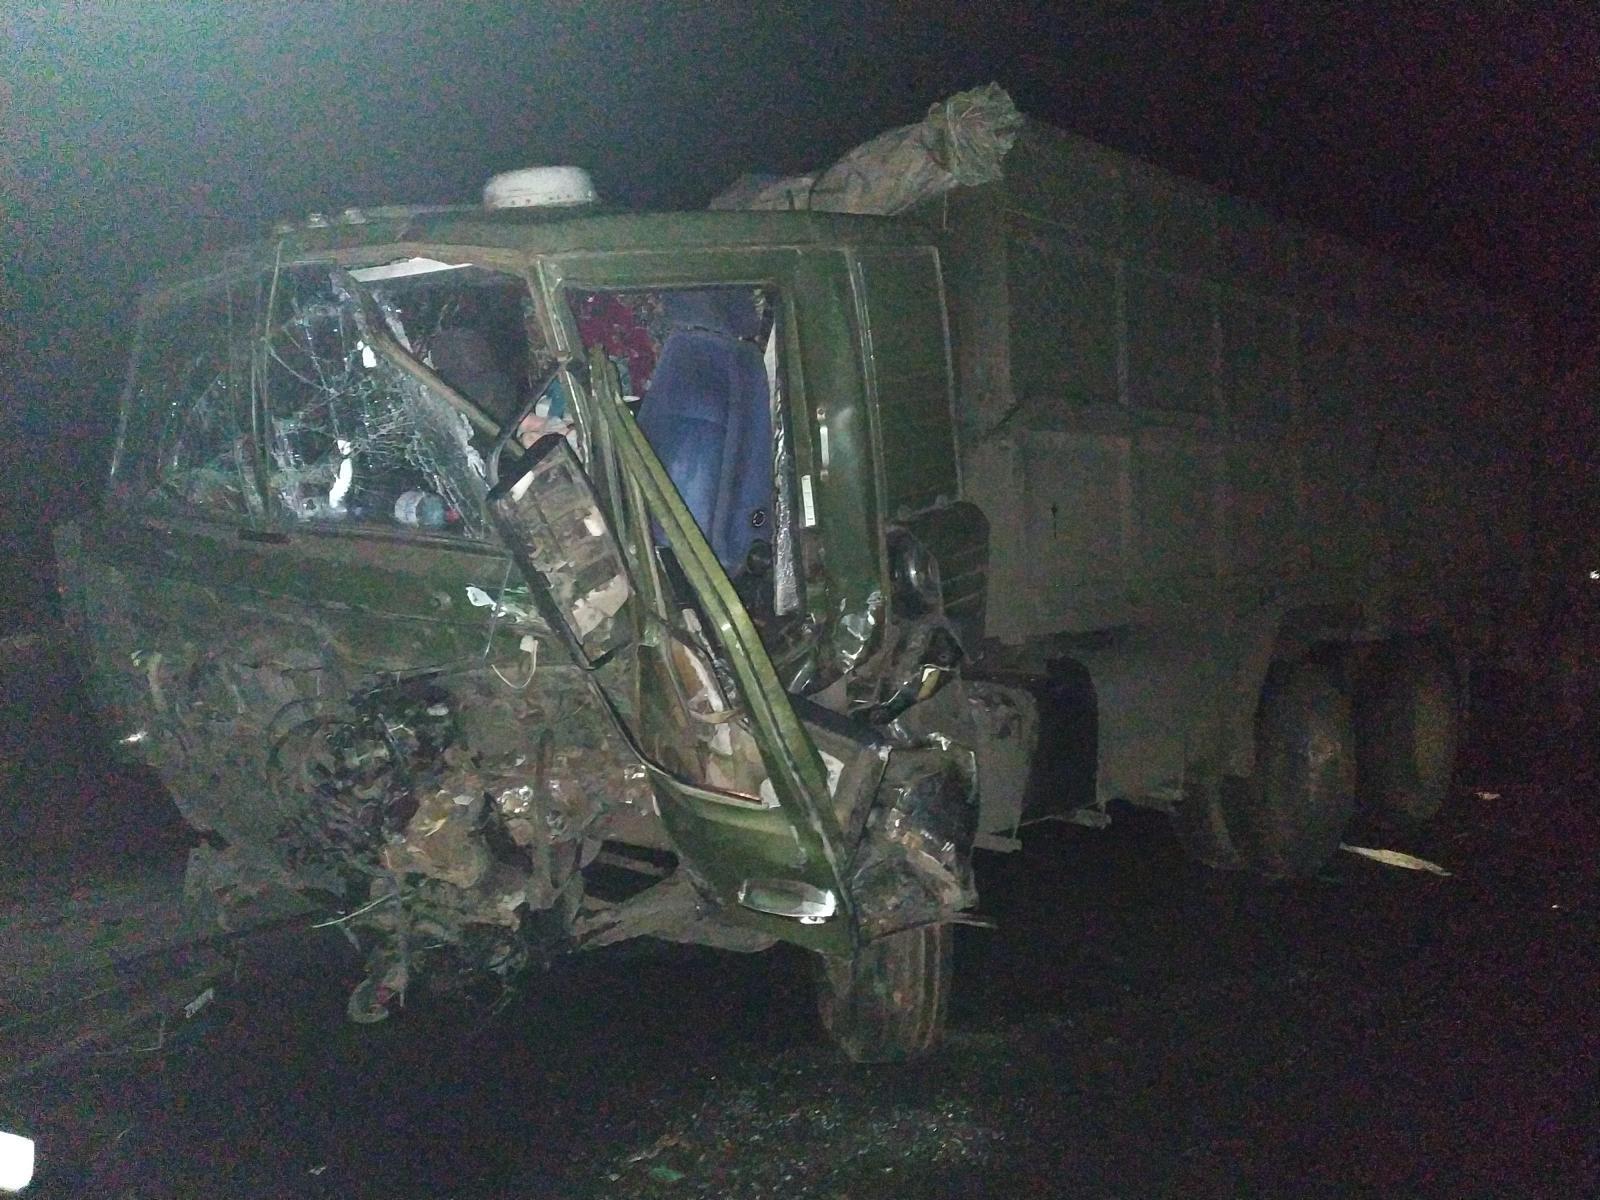 В Староюрьевском районе столкнулись два грузовика: есть пострадавший